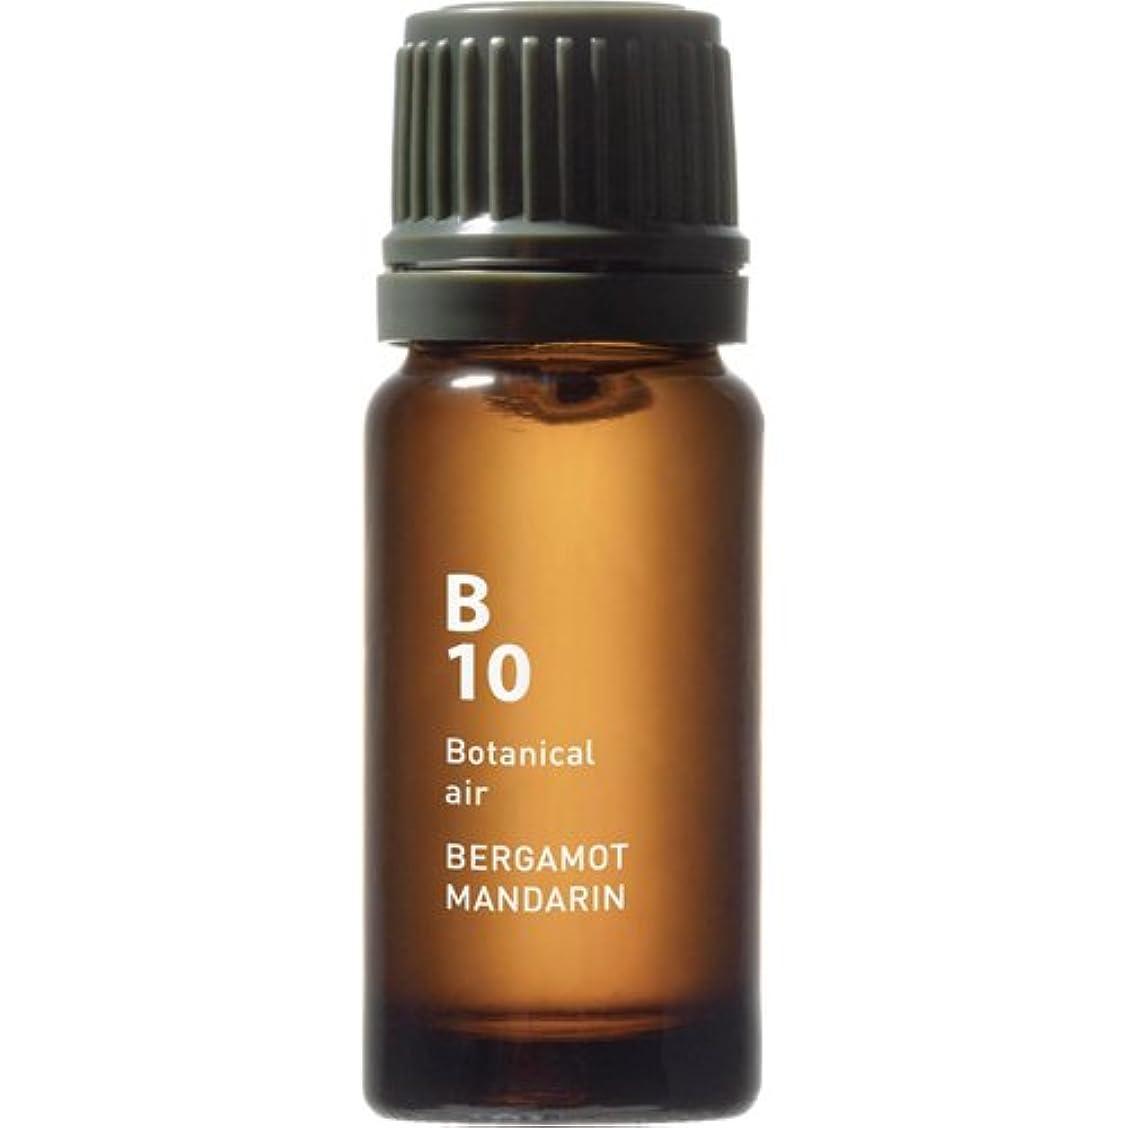 ナインへ影響するスリムB10 ベルガモットマンダリン Botanical air(ボタニカルエアー) 10ml